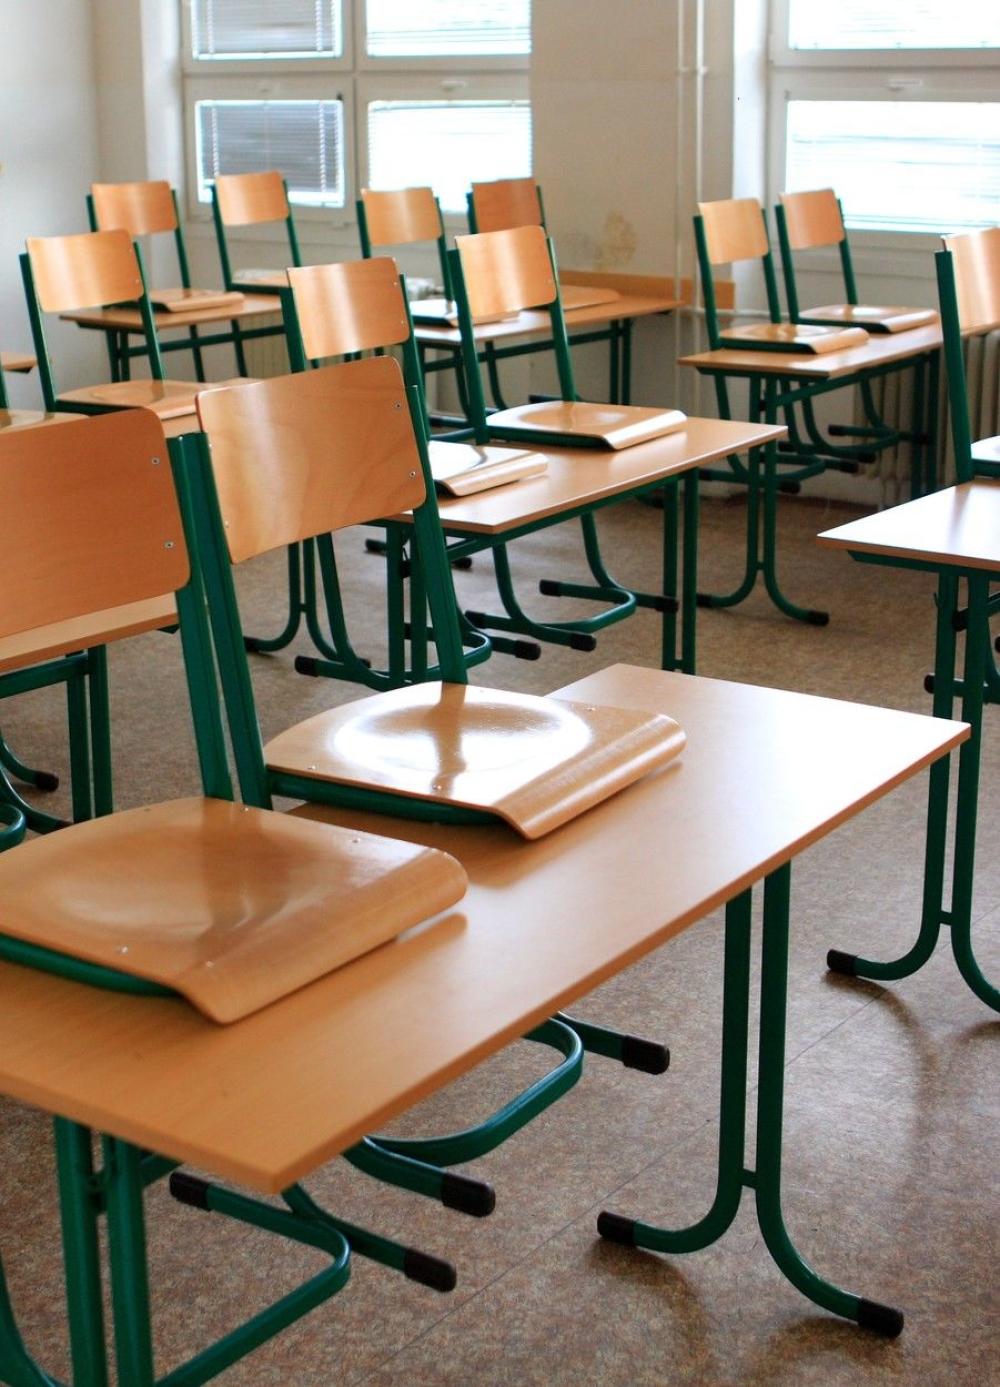 Škola učionica prazna učionica